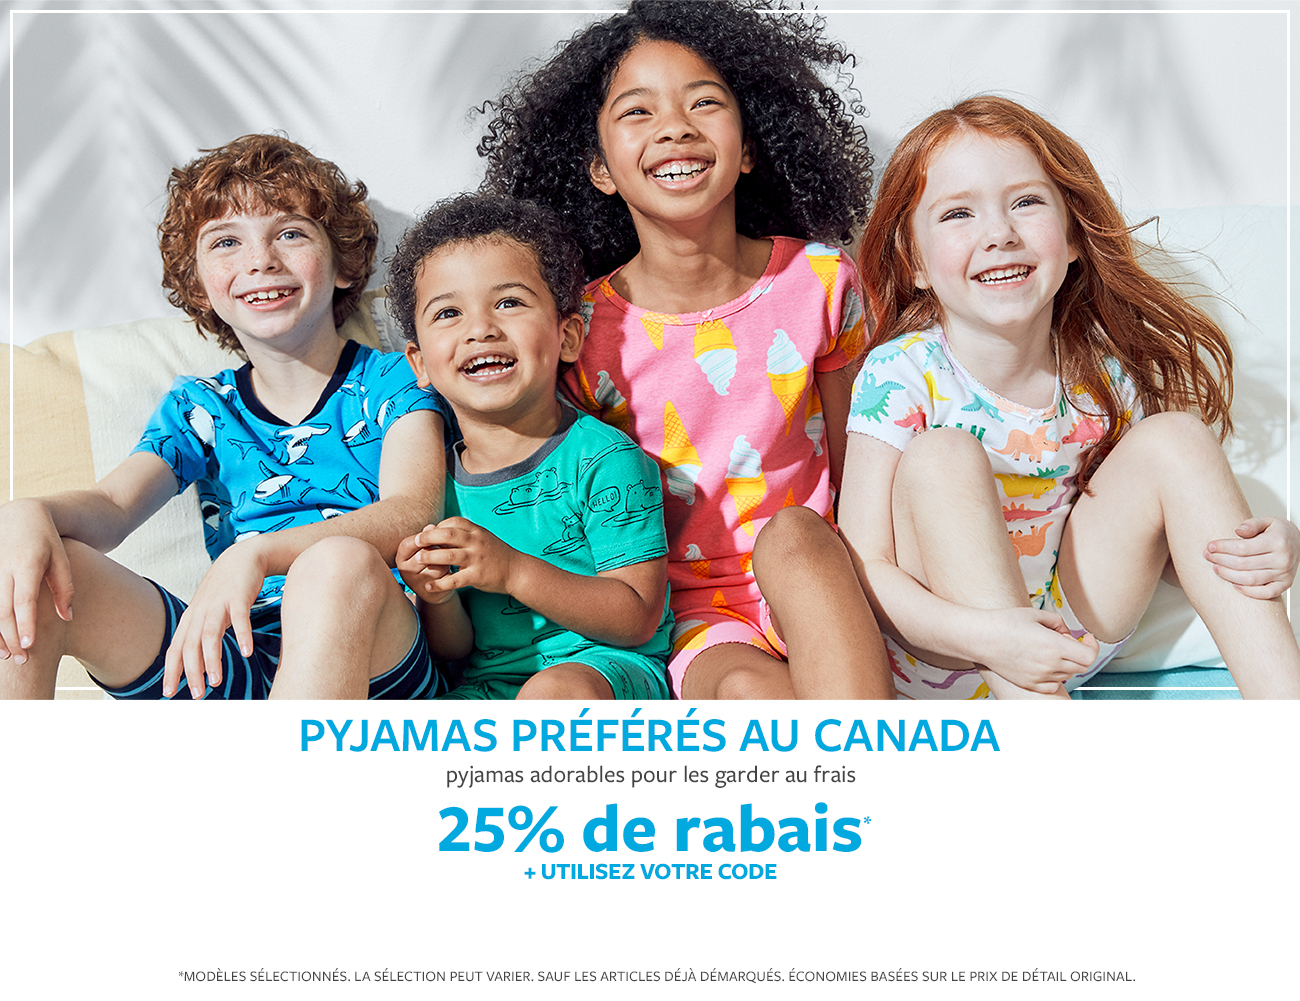 pyjamas préférés au canada | pyjamas adorables pour les garder au frais | 25% de rabais* + utilisez votre code